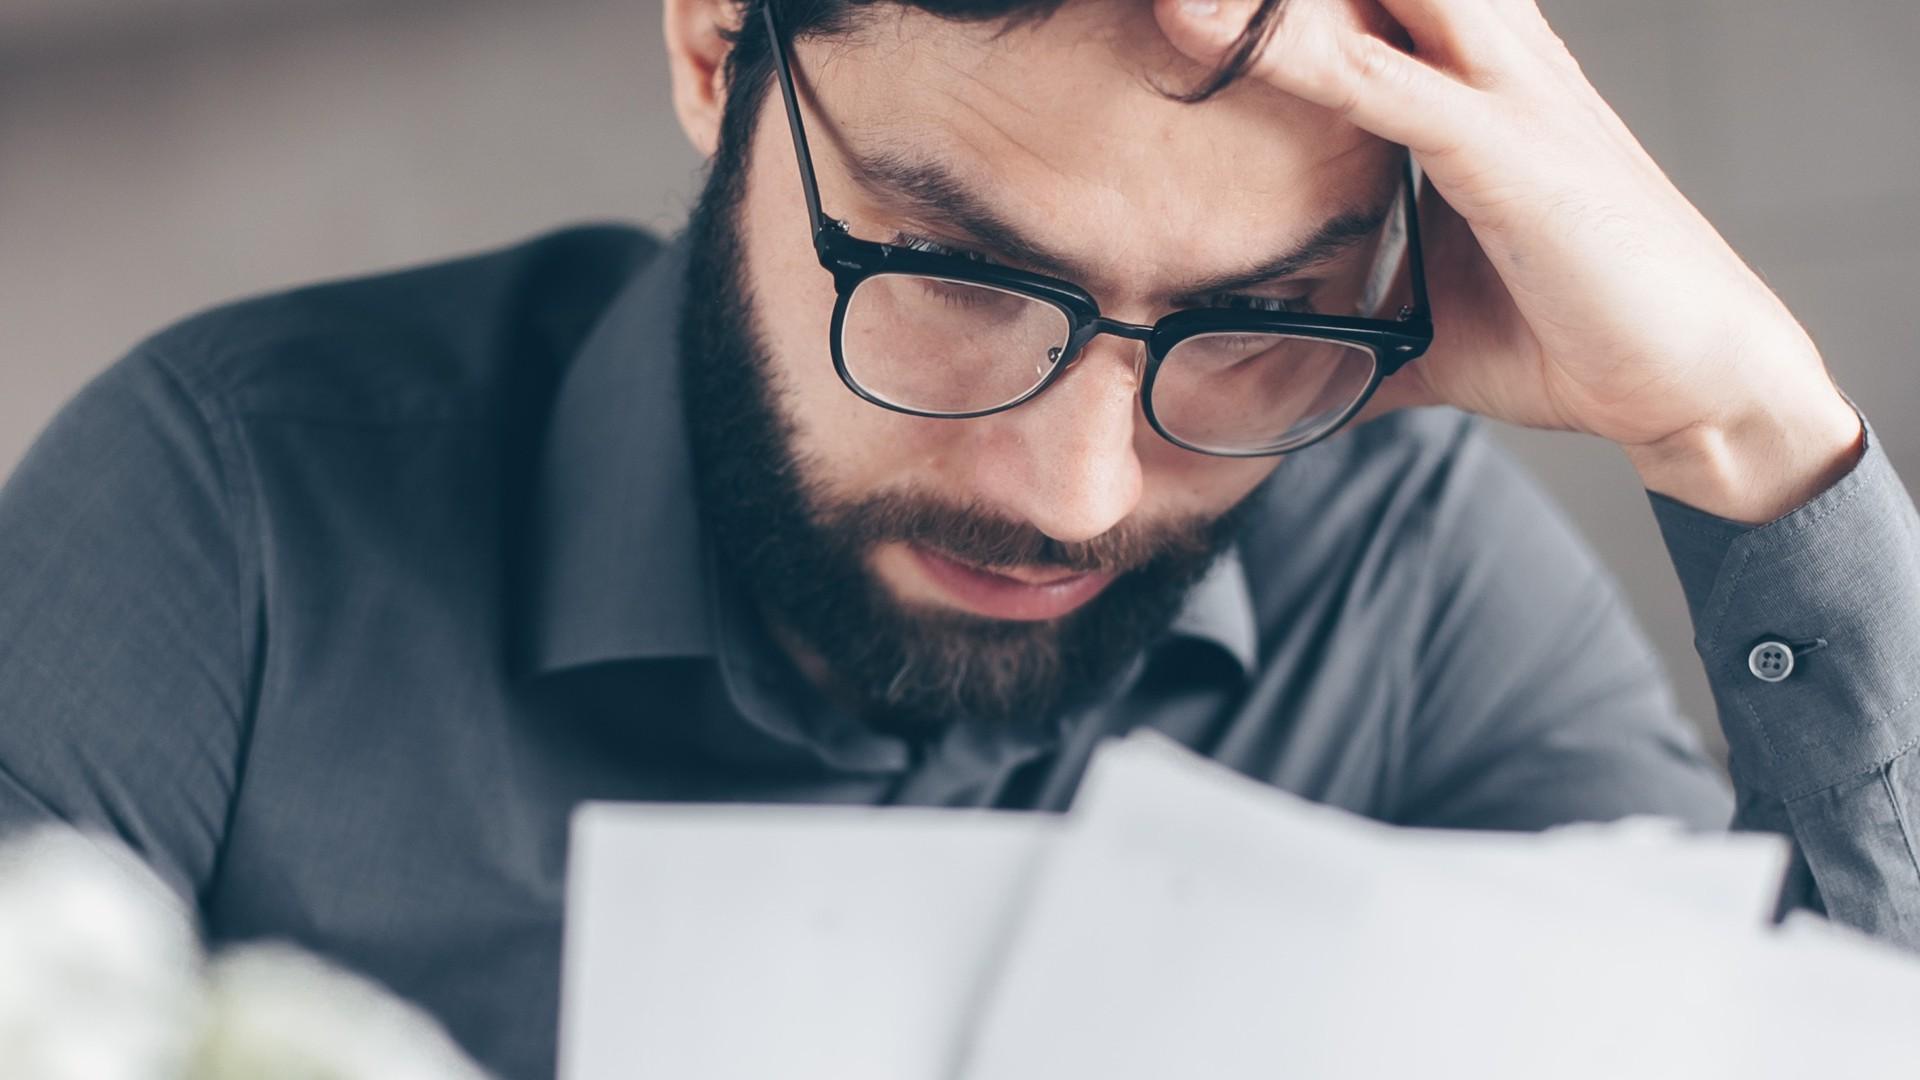 Mann blickt sorgenvoll auf Papiere